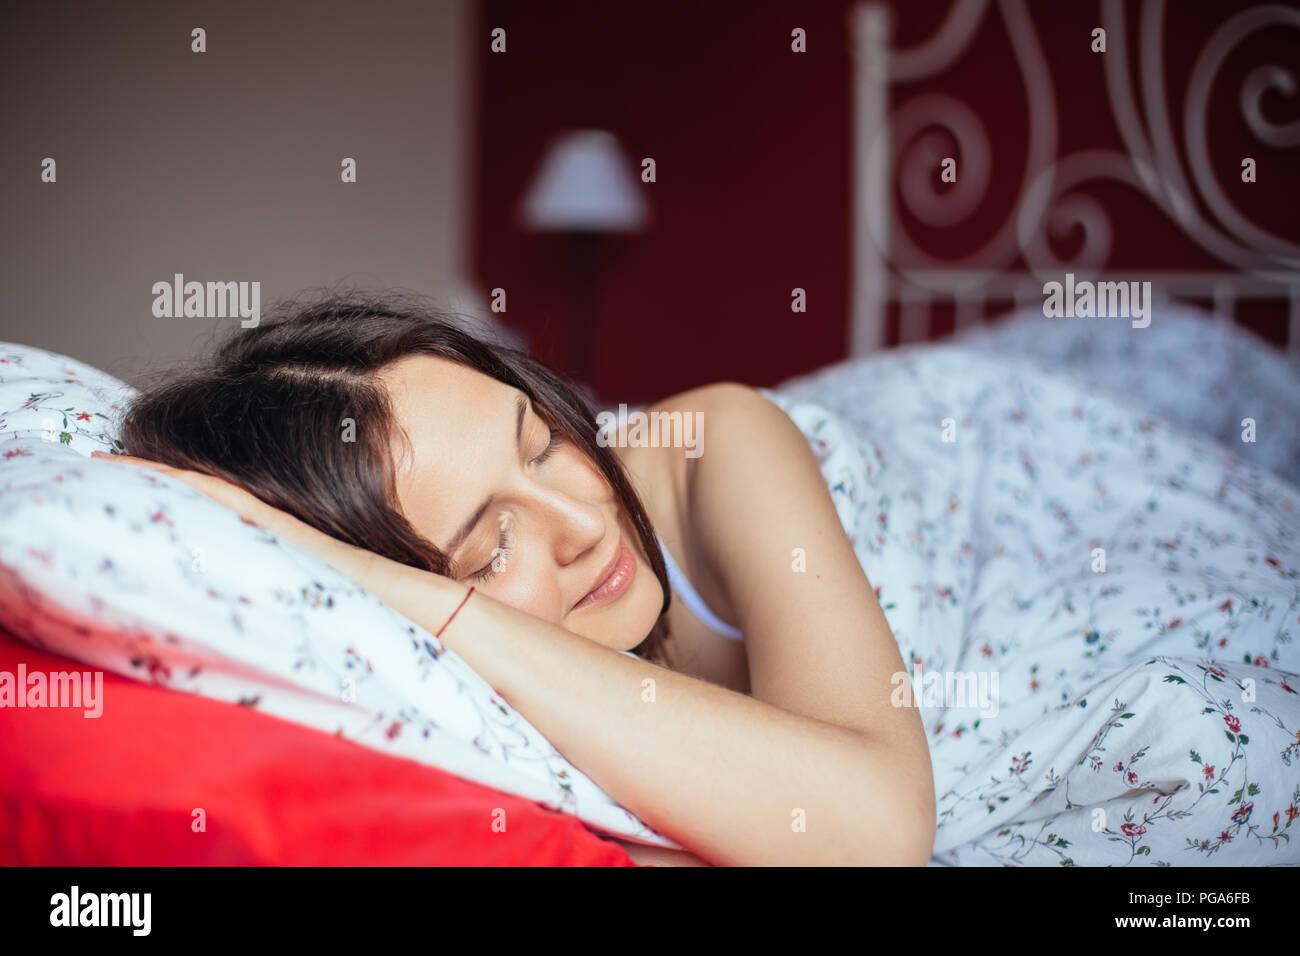 Junge Frau lächelnd während sie in ihr Bett zu Hause schlafen. Entspannen Konzept Stockfoto